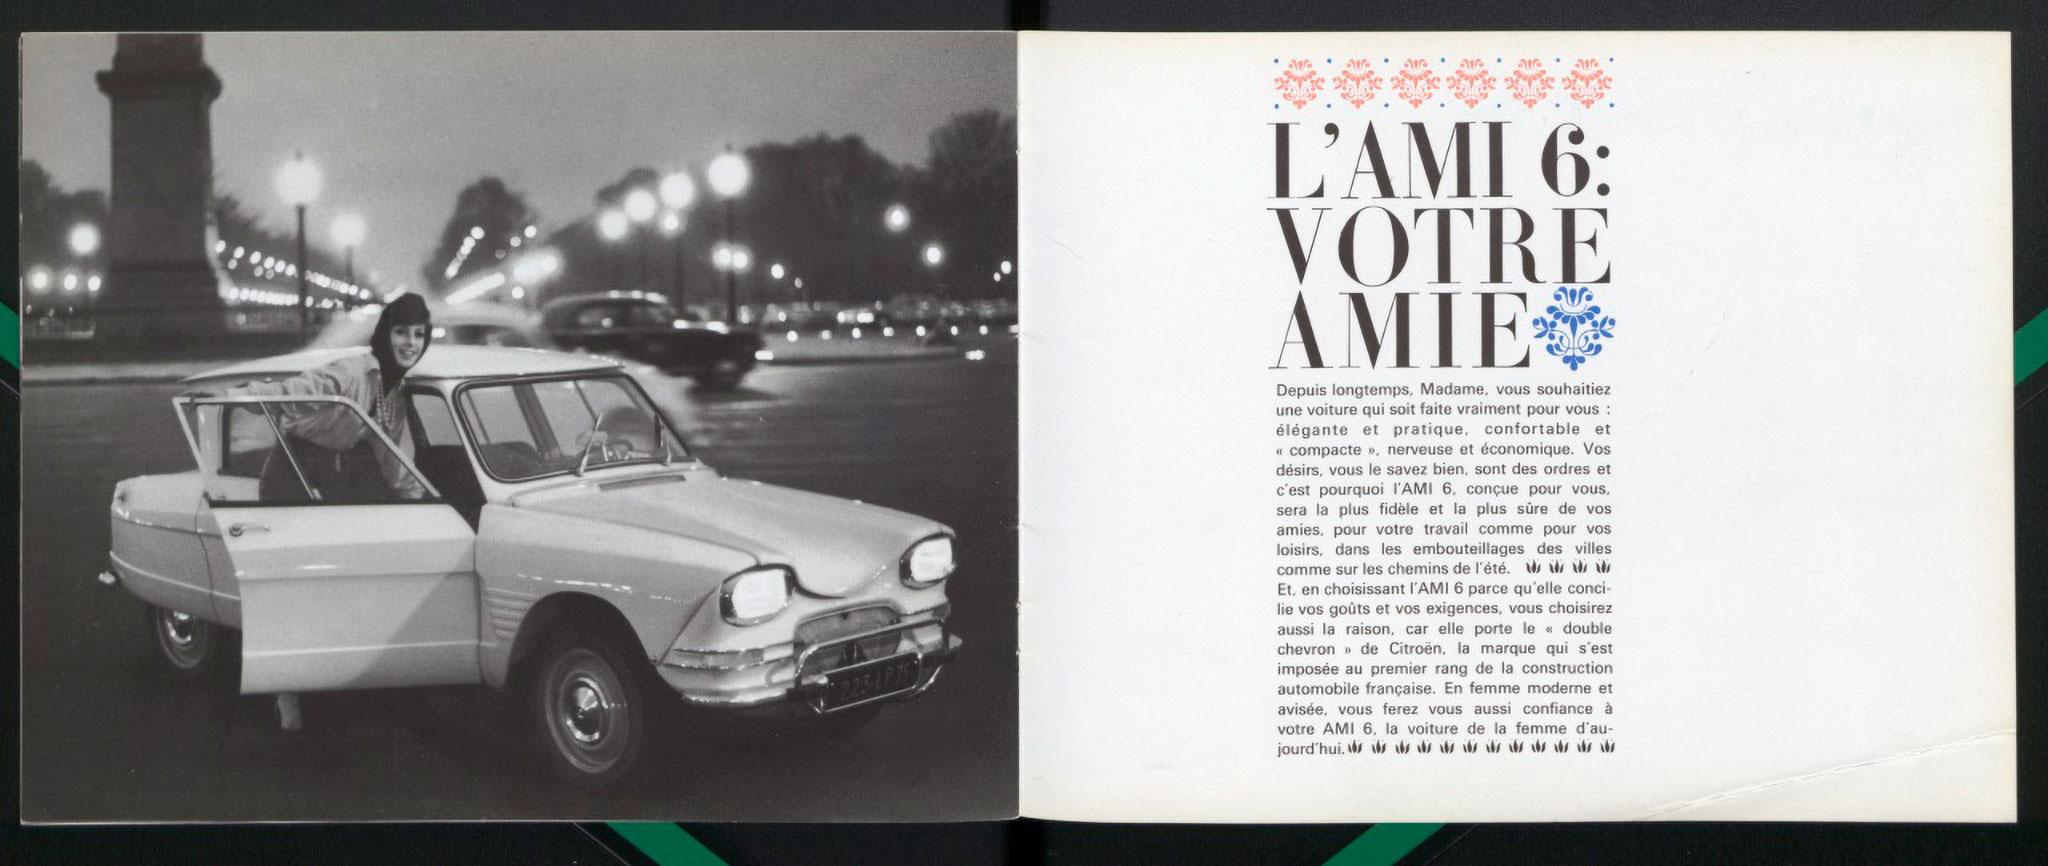 1961 Citroën AMI 6Berline brochure commerciale AMI 6 votre amie.